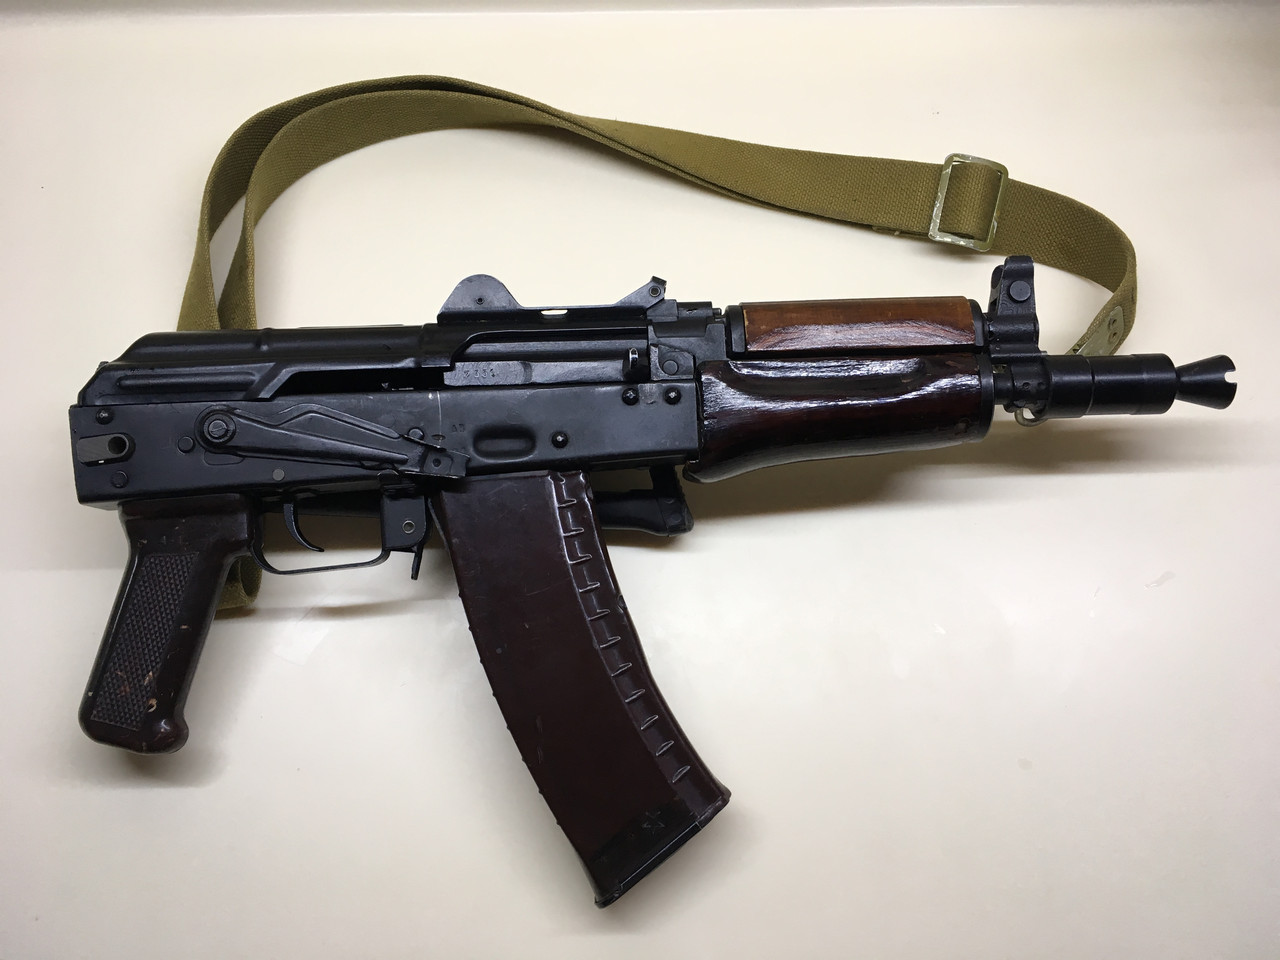 ММГ АКС-74У -автомат Калашникова (5,45-мм зі складним убік металевим прикладом) макет